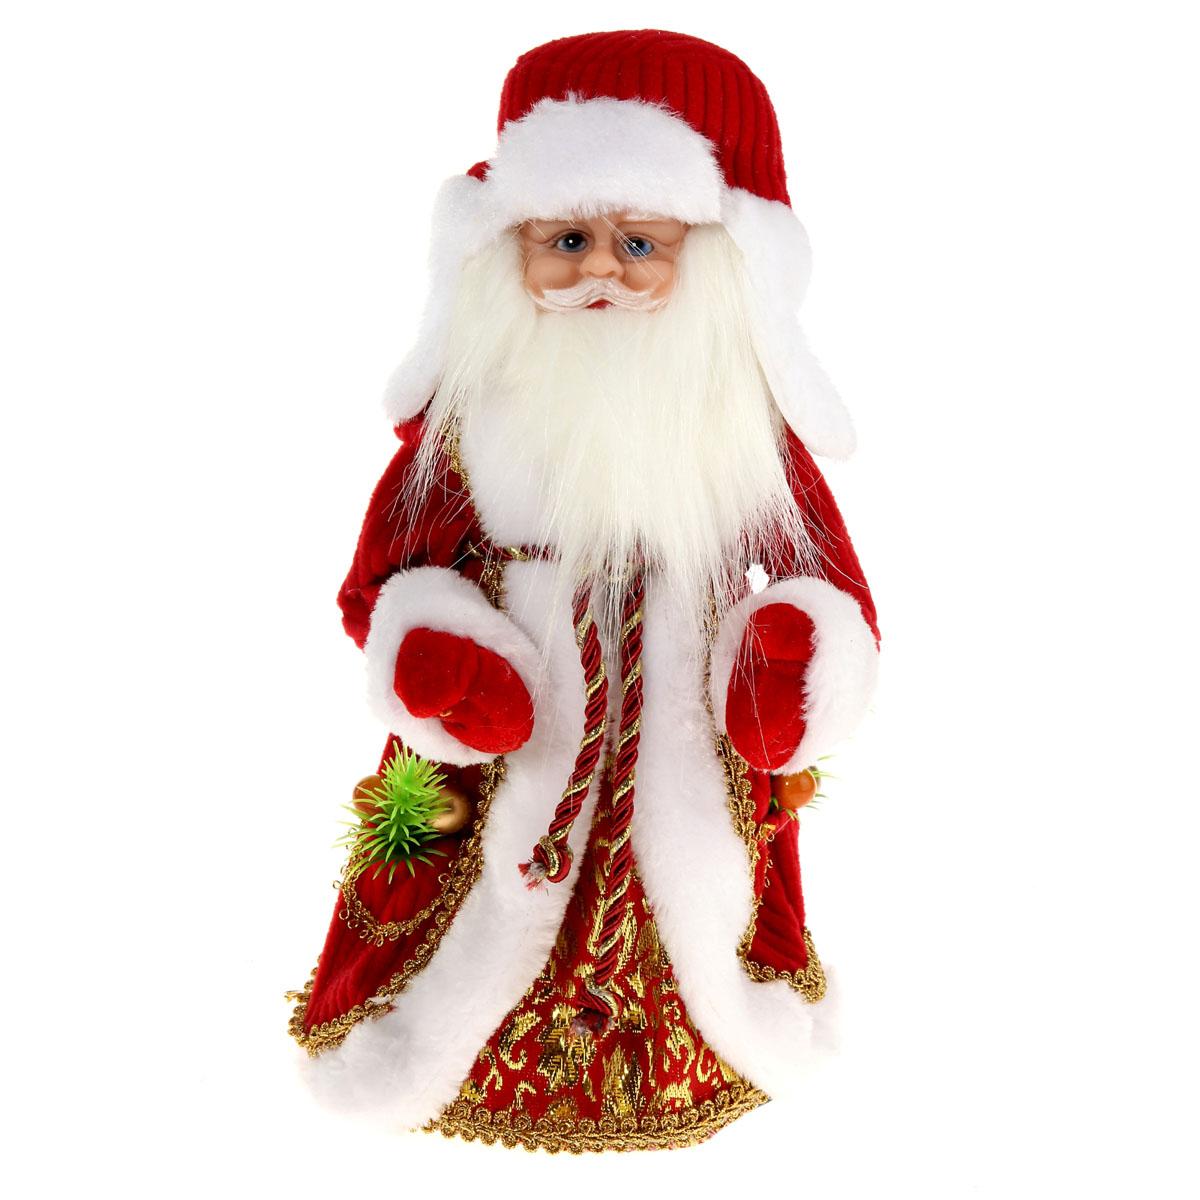 Новогодняя декоративная фигурка Sima-land Дед Мороз, анимированная, высота 30 см. 827842827842Новогодняя декоративная фигурка Sima-land выполнена из высококачественного пластика в виде Деда Мороза. Дед Мороз одет в шубу с капюшоном и опушкой, украшенную тесьмой и варежки. На голове шапка в цвет шубы. Игрушка стоит на пластиковой подставке. Особенностью фигурки является наличие механизма, при включении которого играет мелодия, а голова и руки куклы начинают двигаться. Его добрый вид и очаровательная улыбка притягивают к себе восторженные взгляды. Декоративная фигурка Дед Мороз подойдет для оформления новогоднего интерьера и принесет с собой атмосферу радости и веселья. УВАЖАЕМЫЕ КЛИЕНТЫ! Обращаем ваше внимание на тот факт, что декоративная фигурка работает от трех батареек типа АА напряжением 1,5В. Батарейки в комплект не входят.